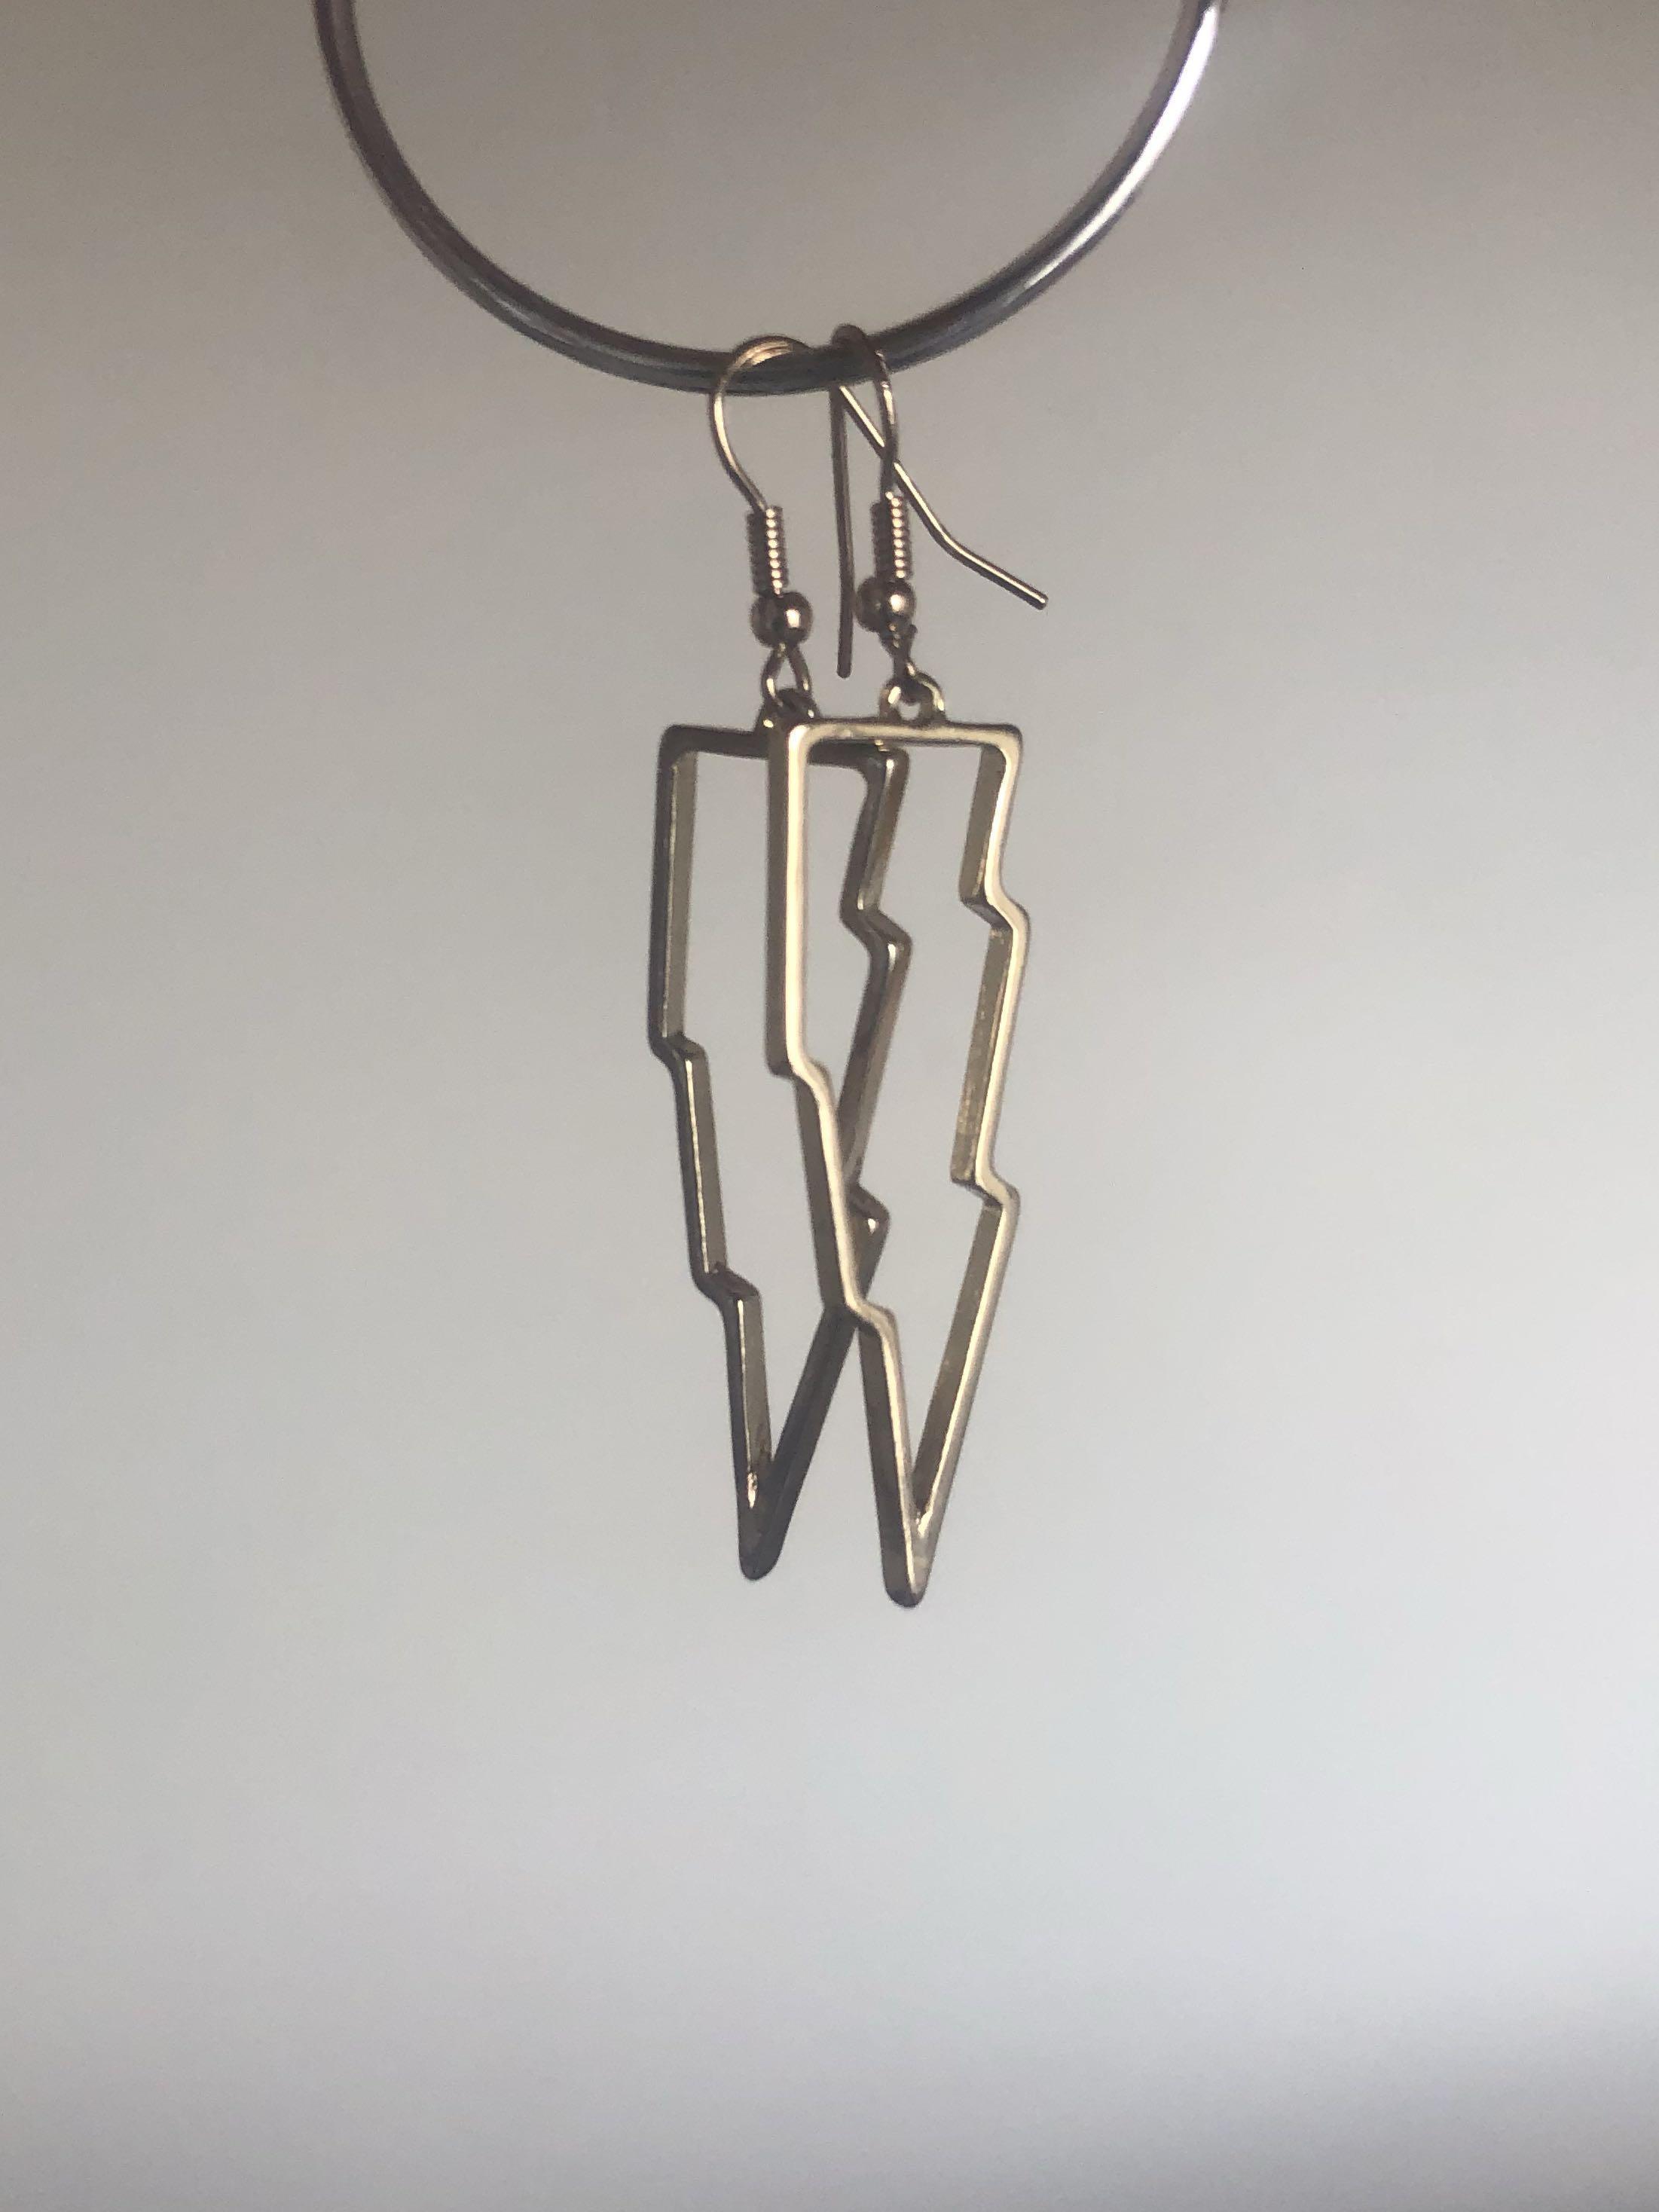 Lighting bolt earrings